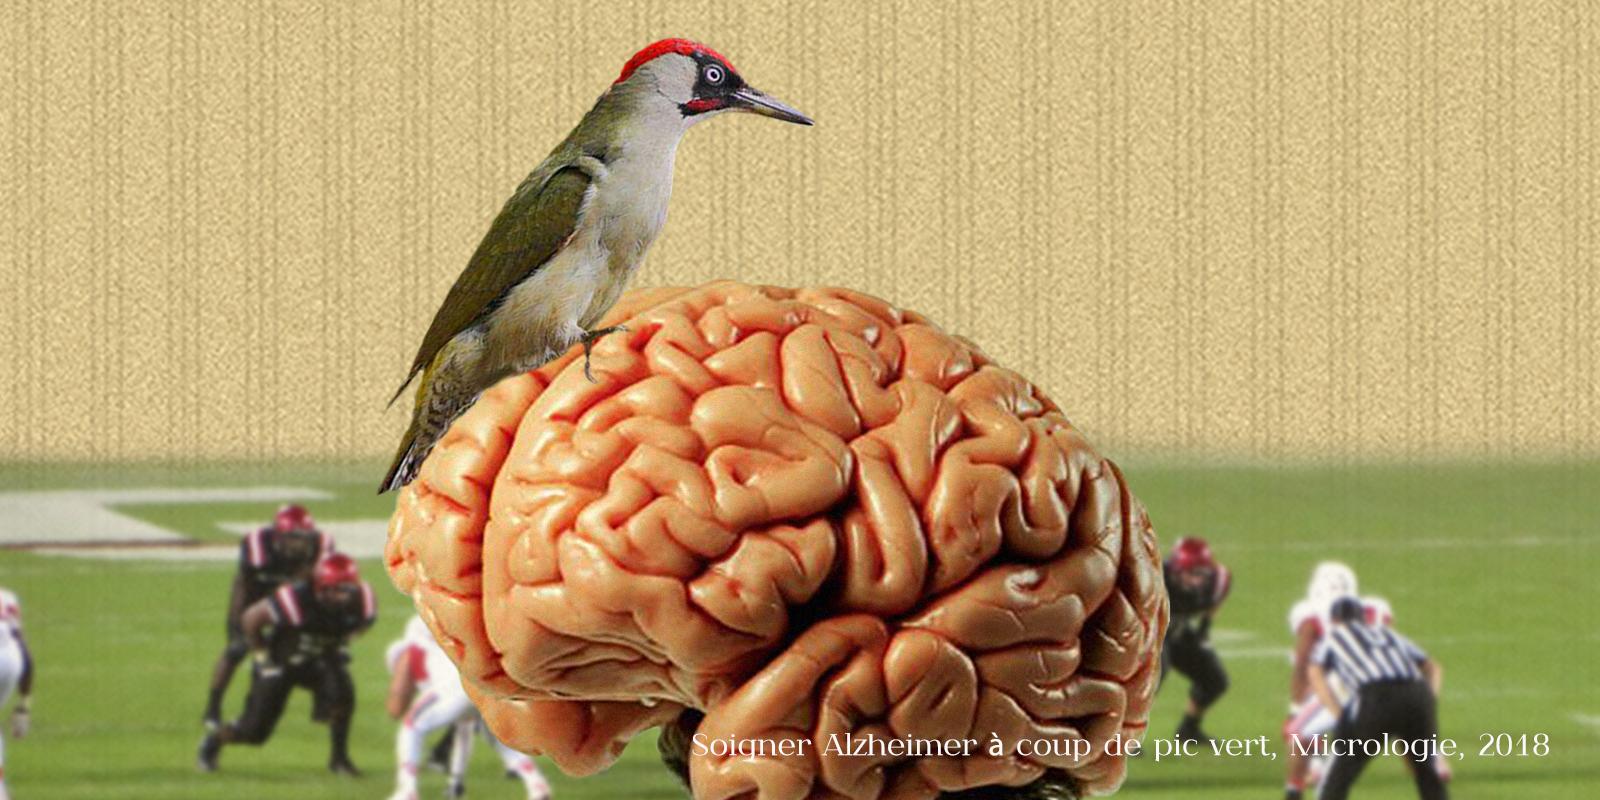 Alzheimer et pic vert, micrologie